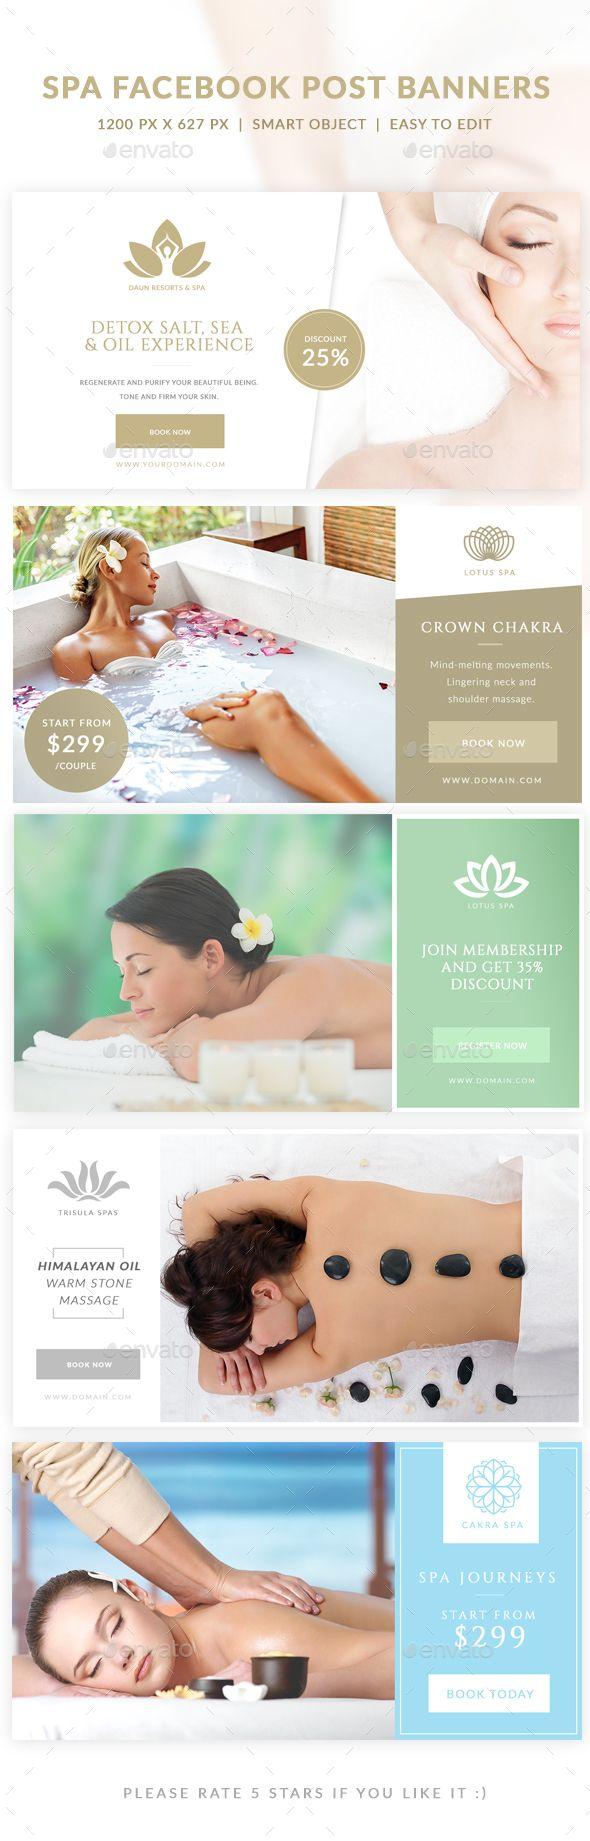 spa och massage massage farsta